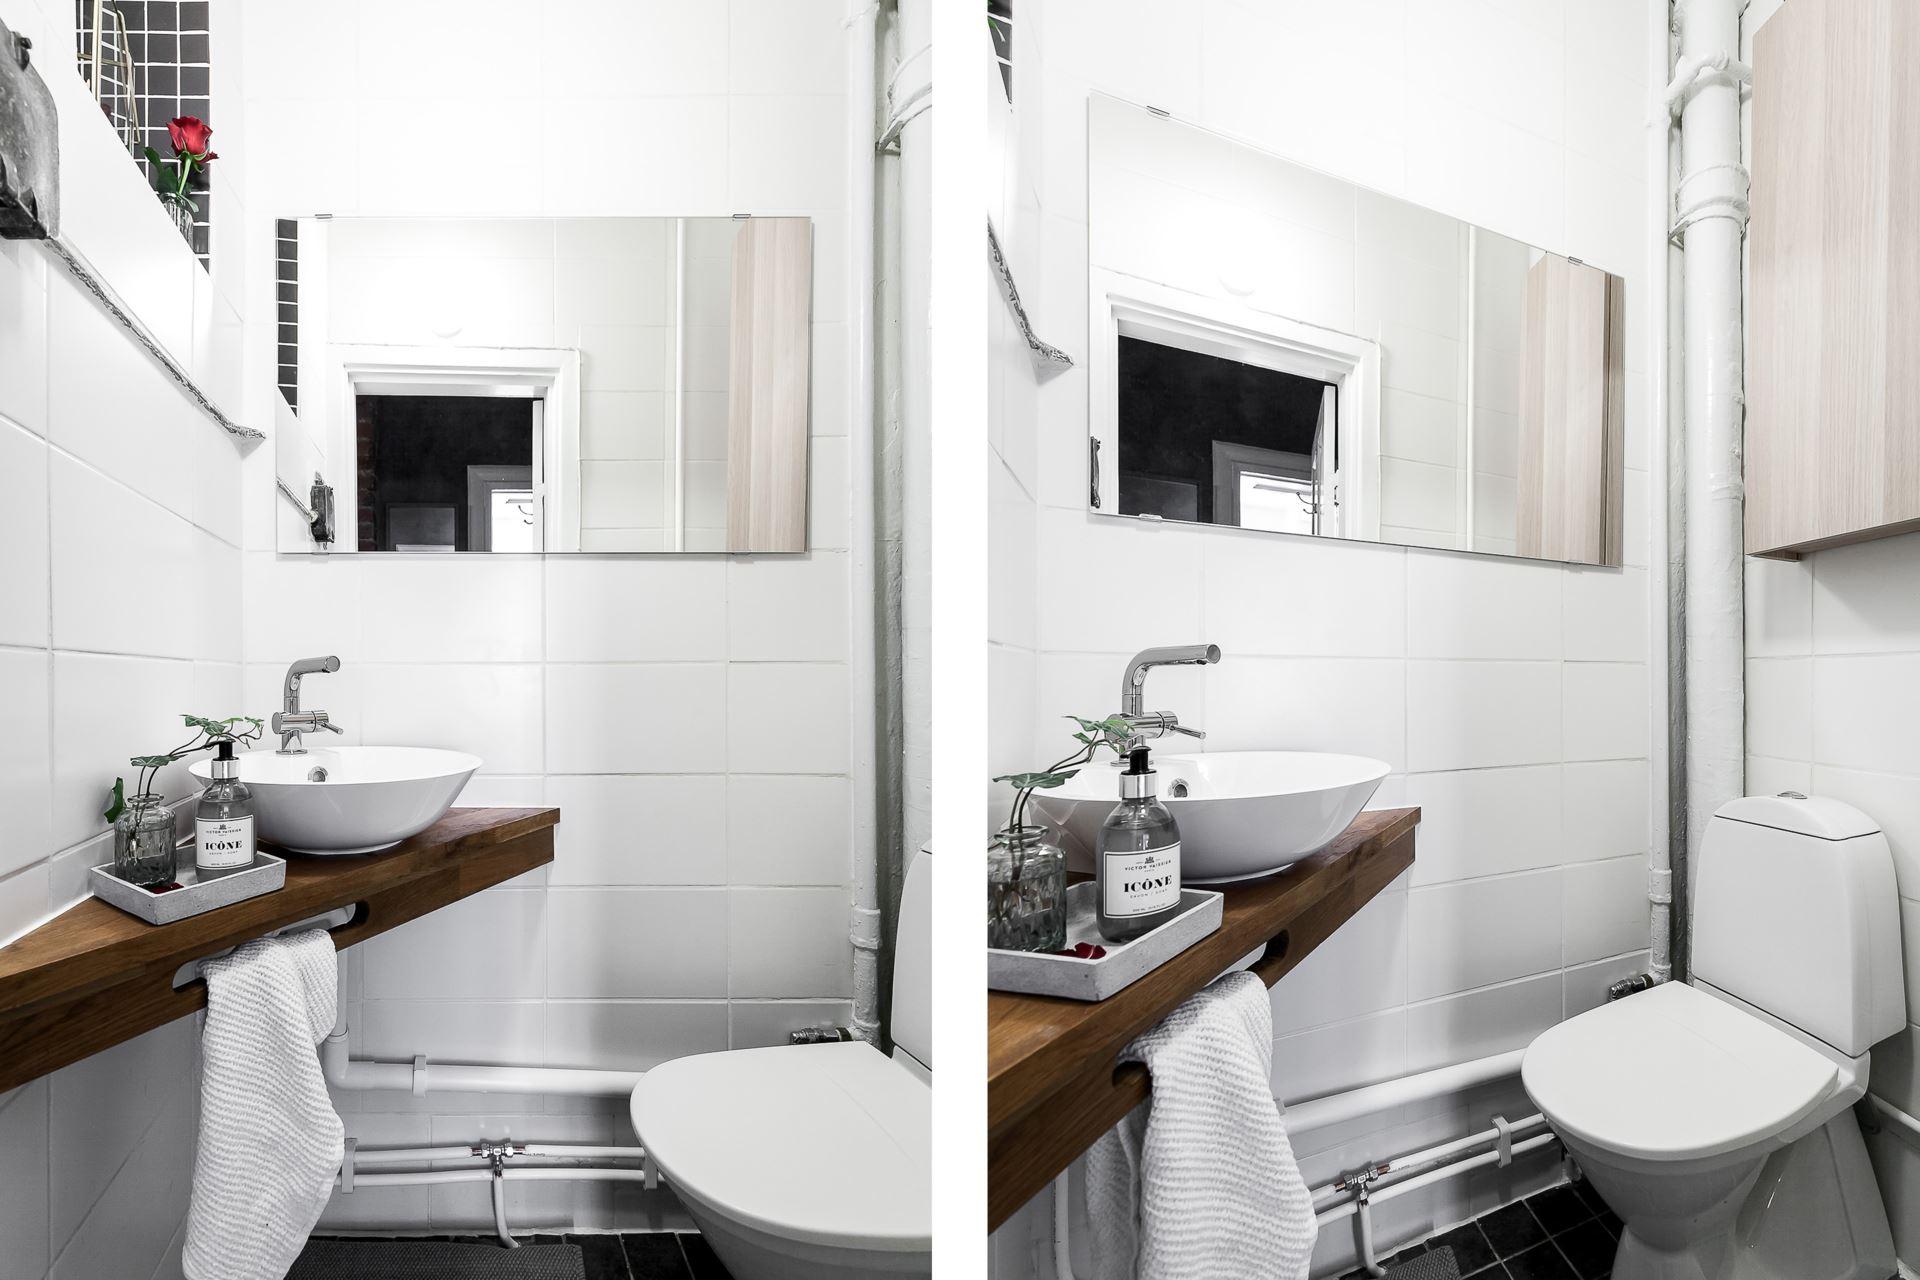 Perete de sticlă și cărămidă expusă în dormitor într o garsonieră de 44 m² 17